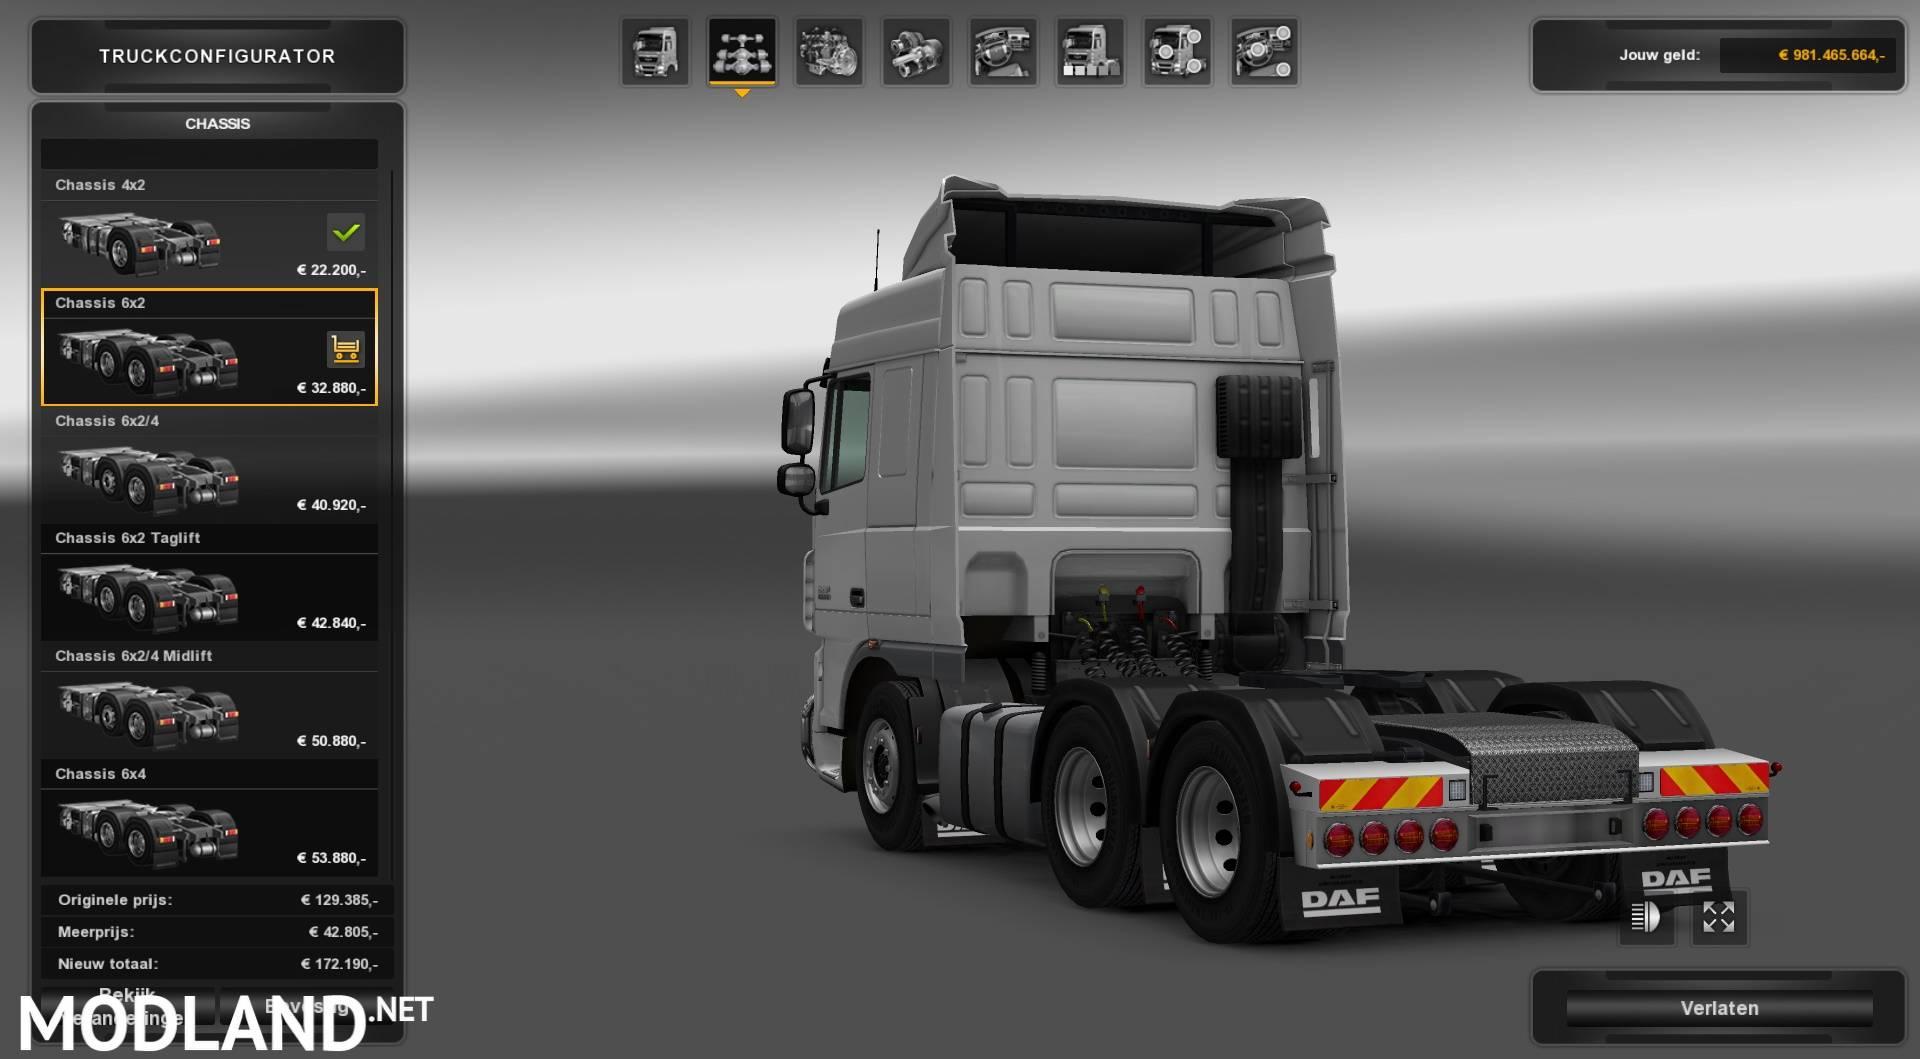 DAF XF Rear Bumper (Working-Multiplayer) V3 mod for ETS 2